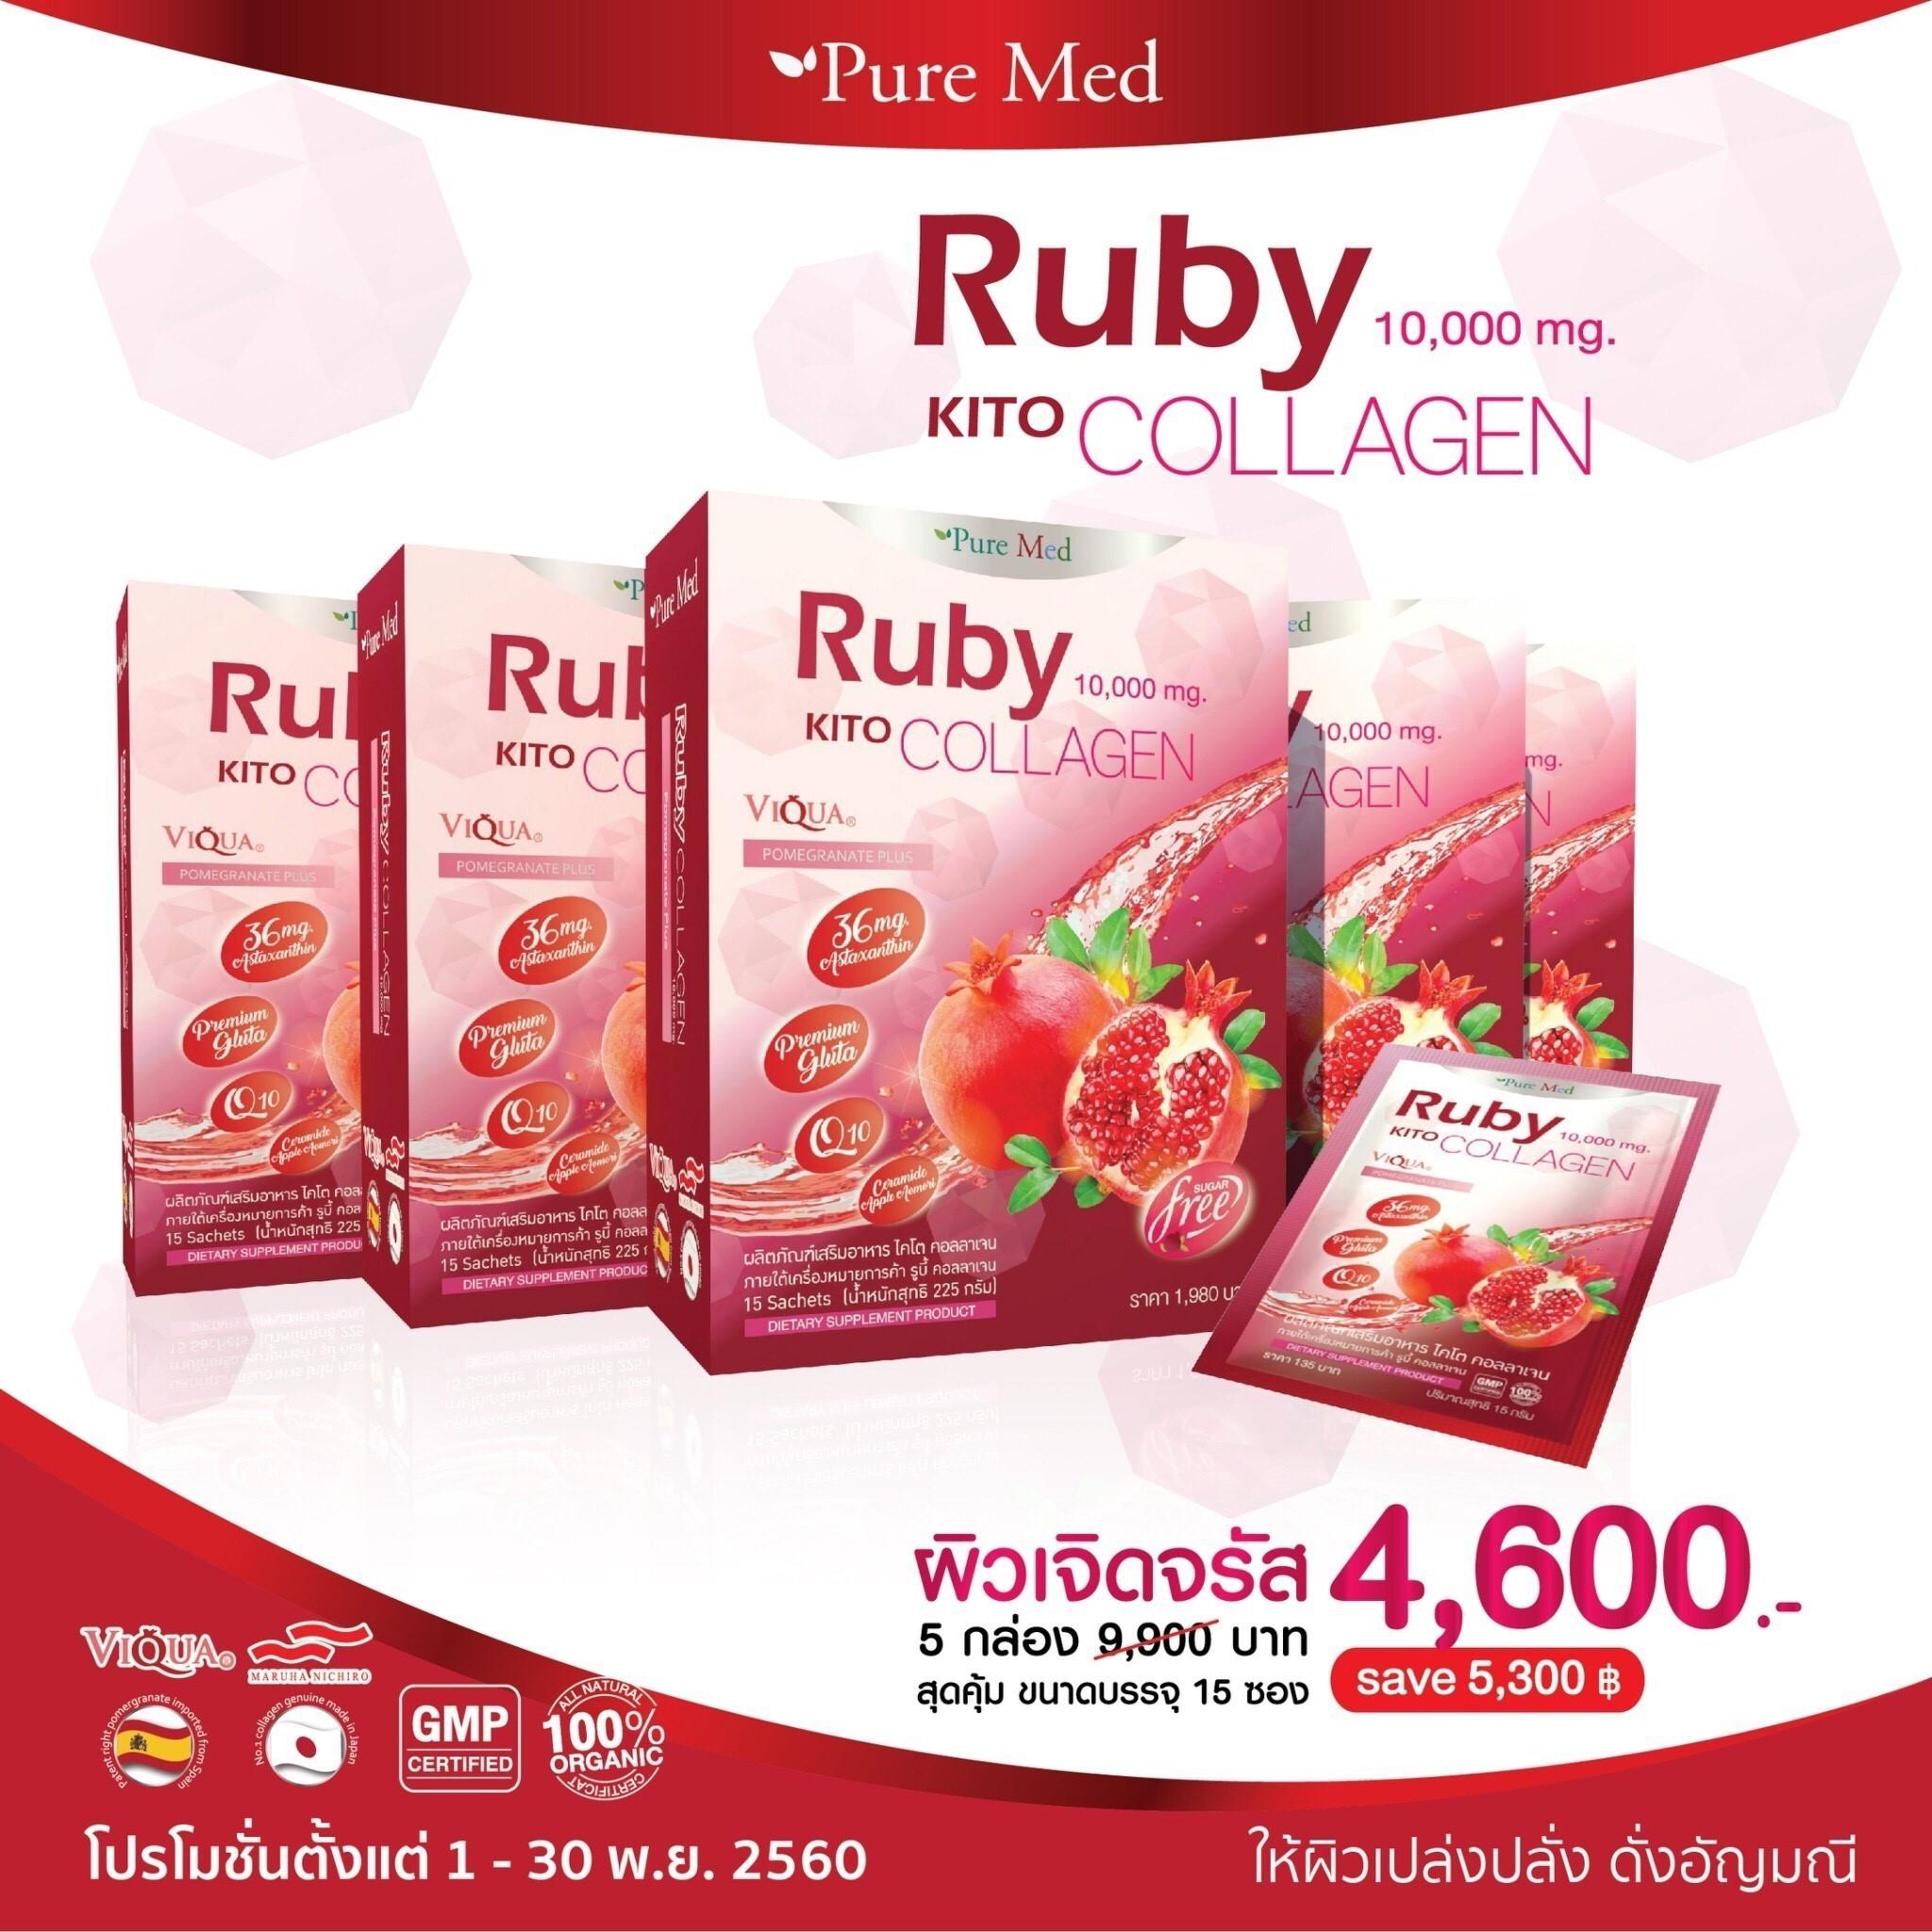 ruby kito collagen 10,000 mg. 4 กล่อง